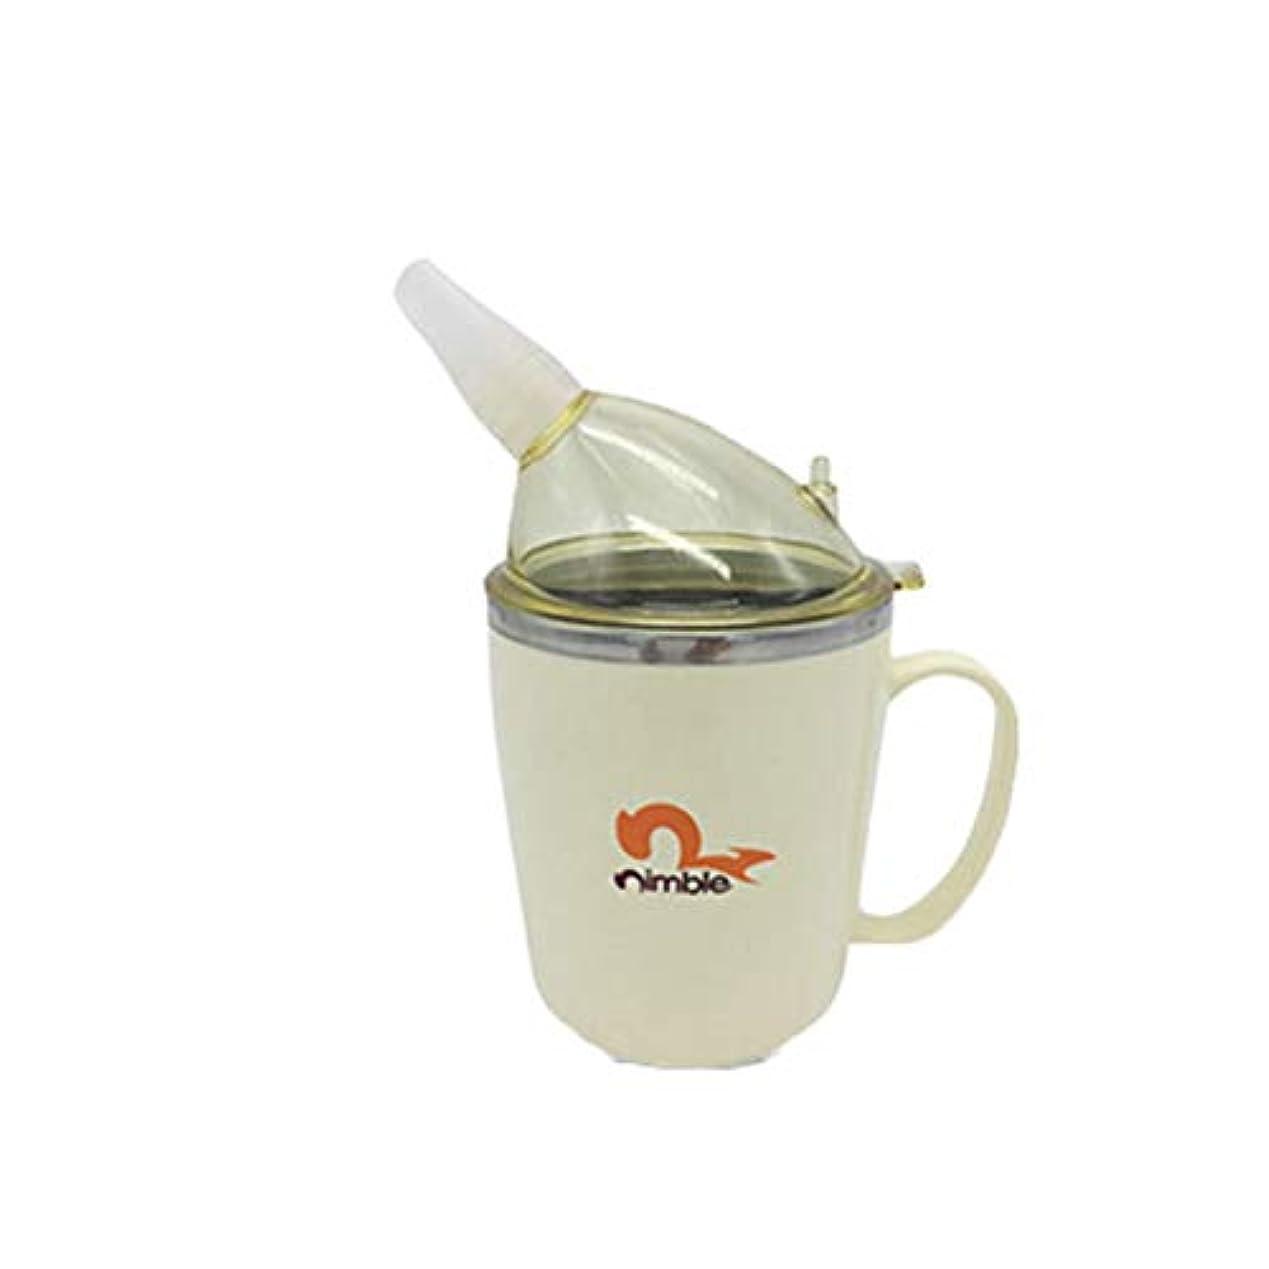 ディプロマ地平線かごHealifty ふたとわらが付いている大人のシッピーカップ回復期の摂食カップのステンレス鋼のコップ